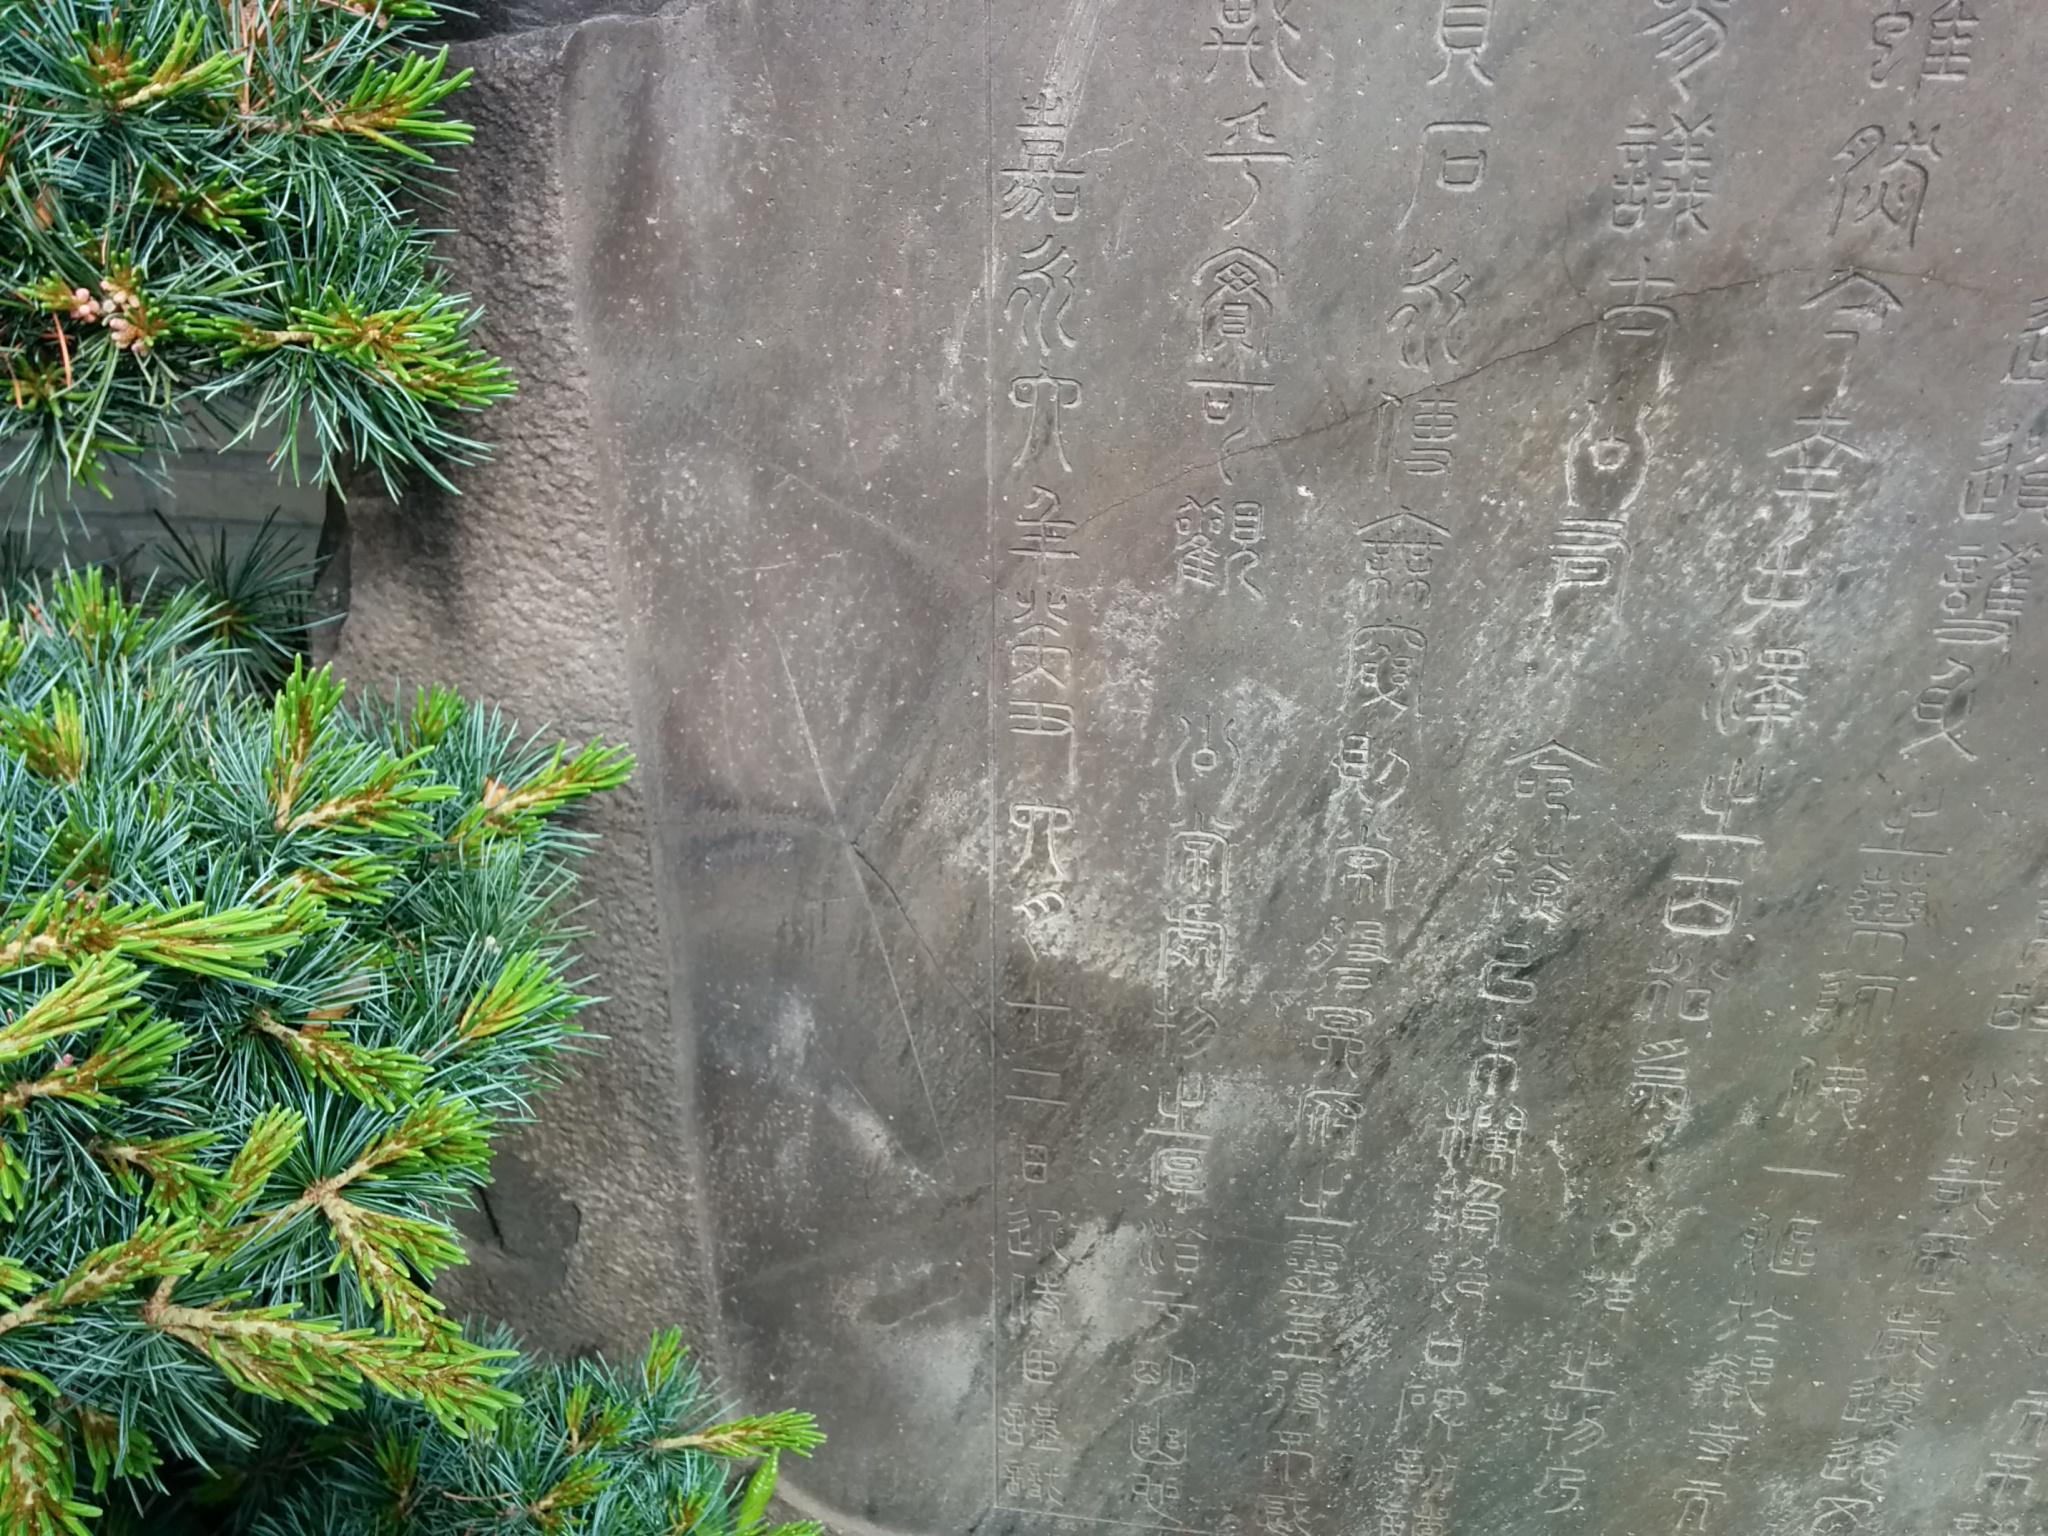 常盤松の碑(嘉永6年6月12日)